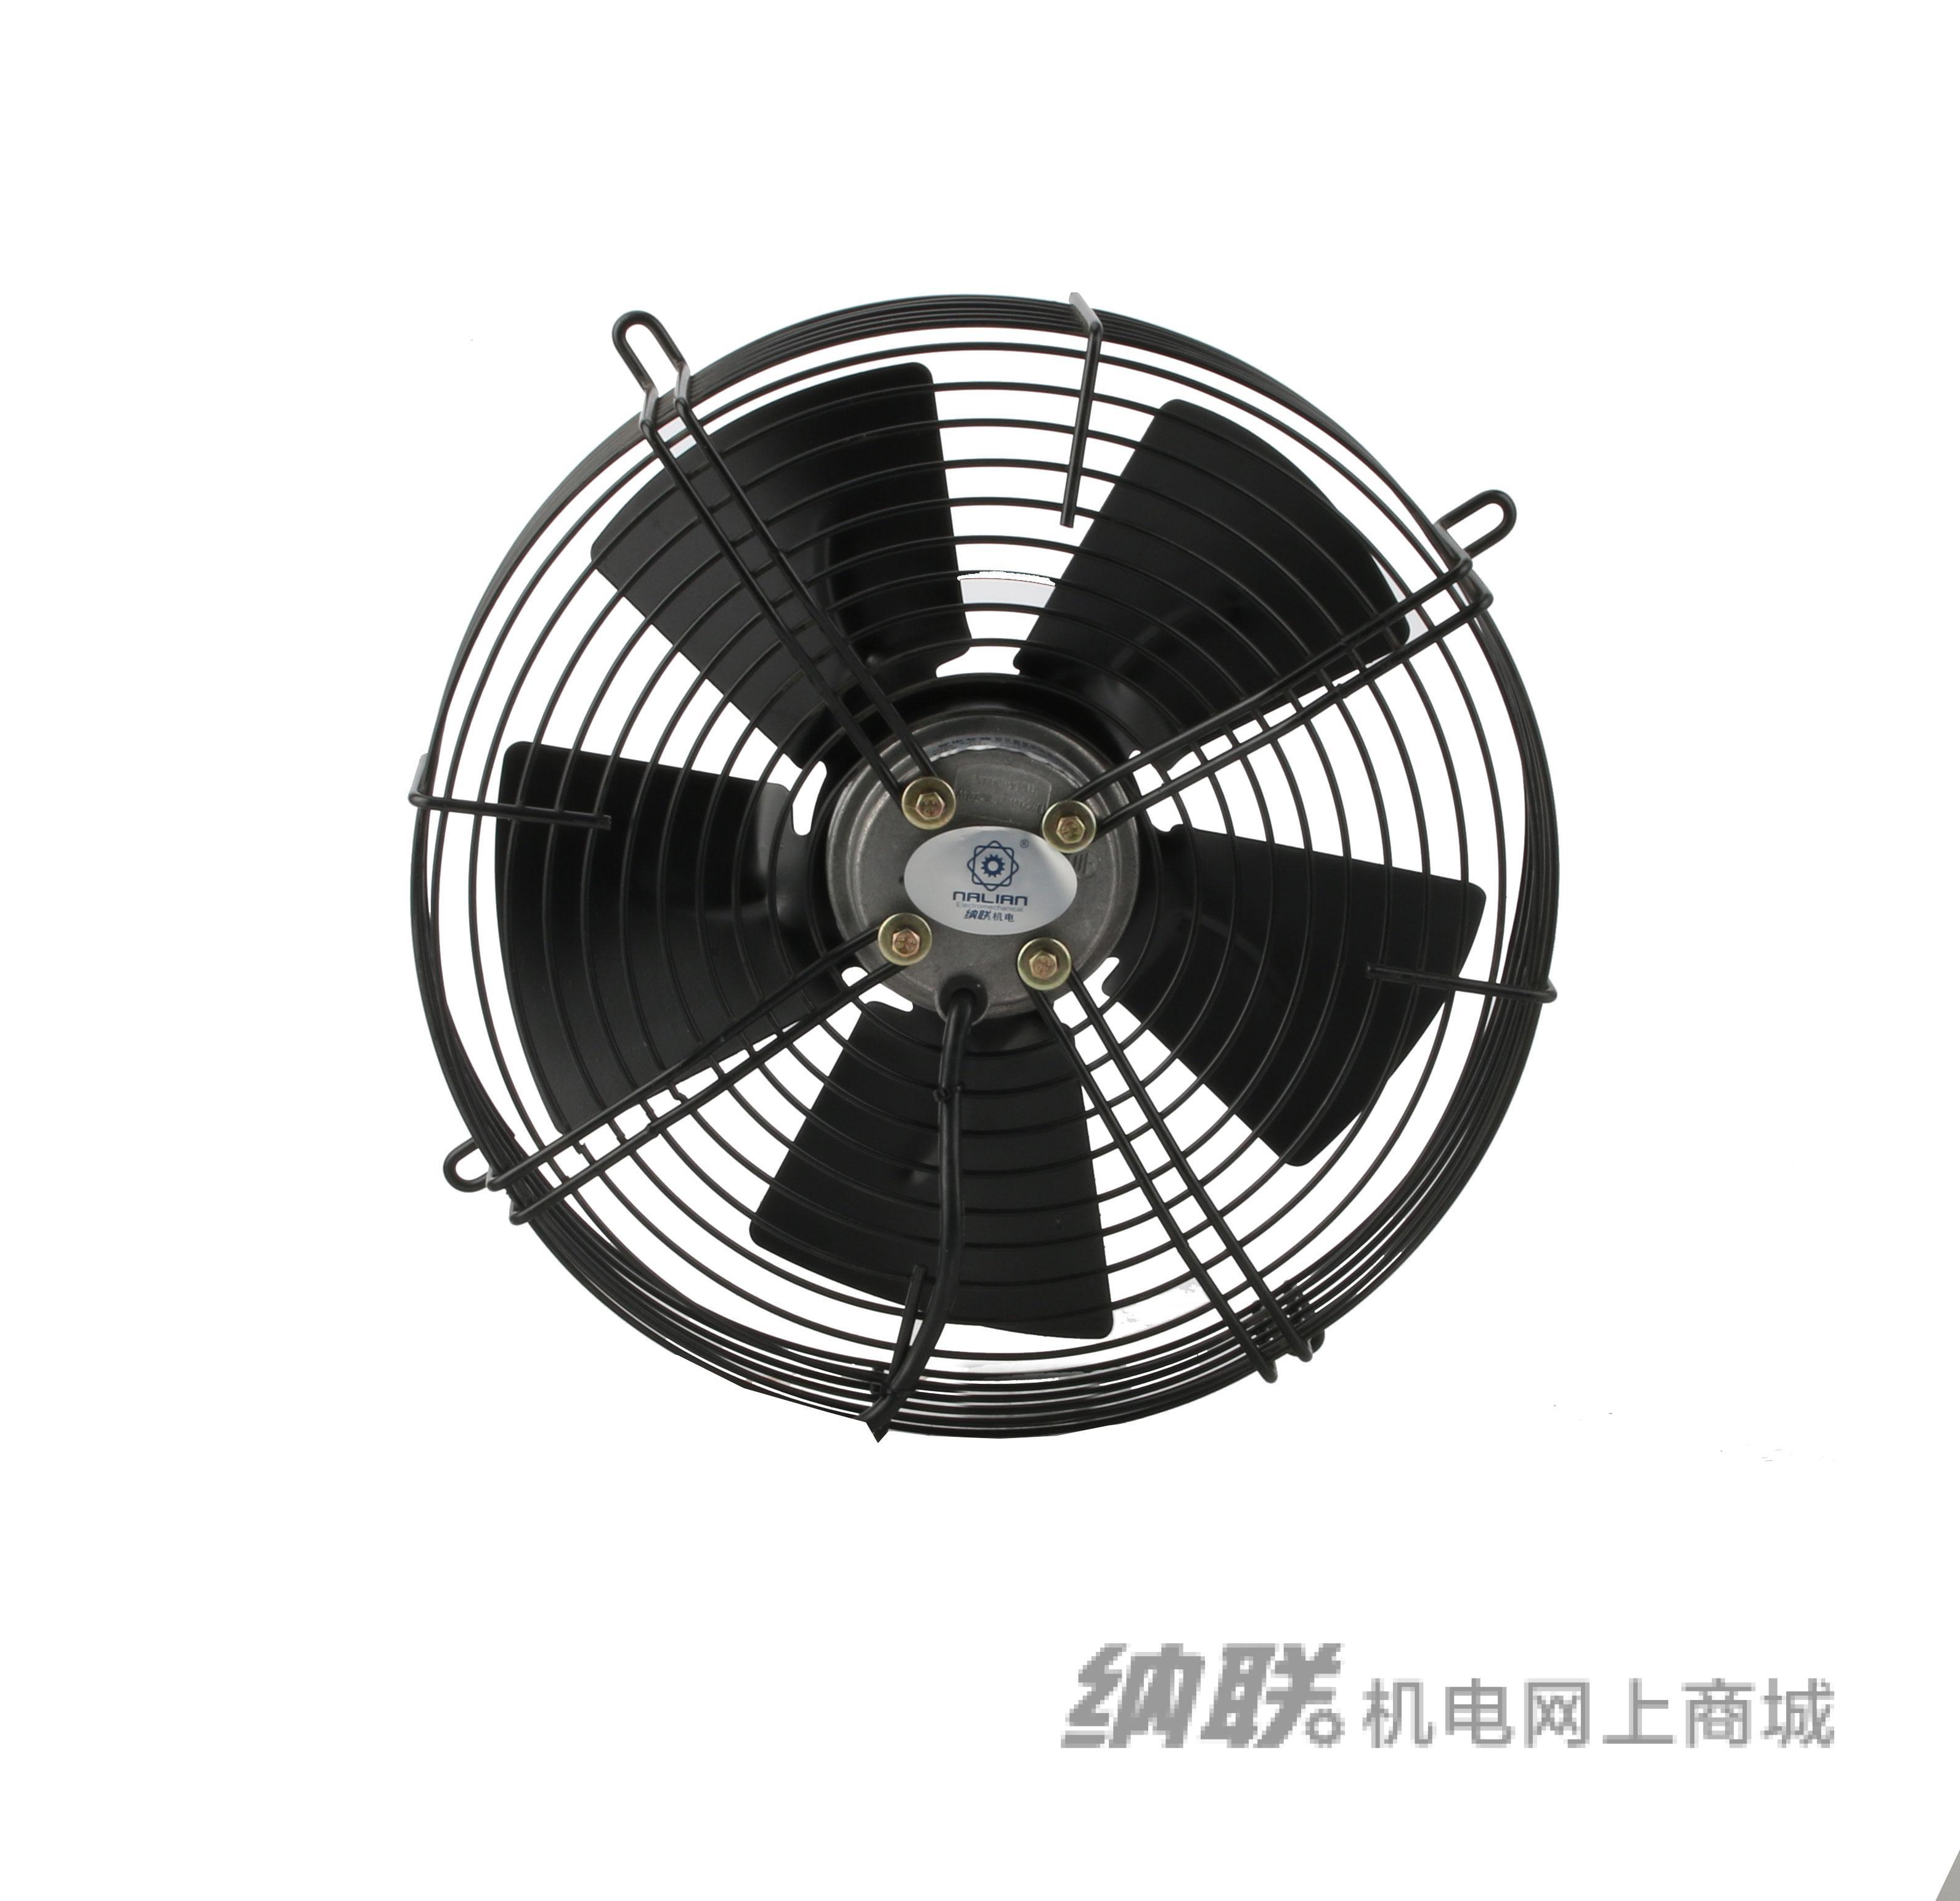 纳联机电 外转子轴流风机-YWF4D-350网罩 三